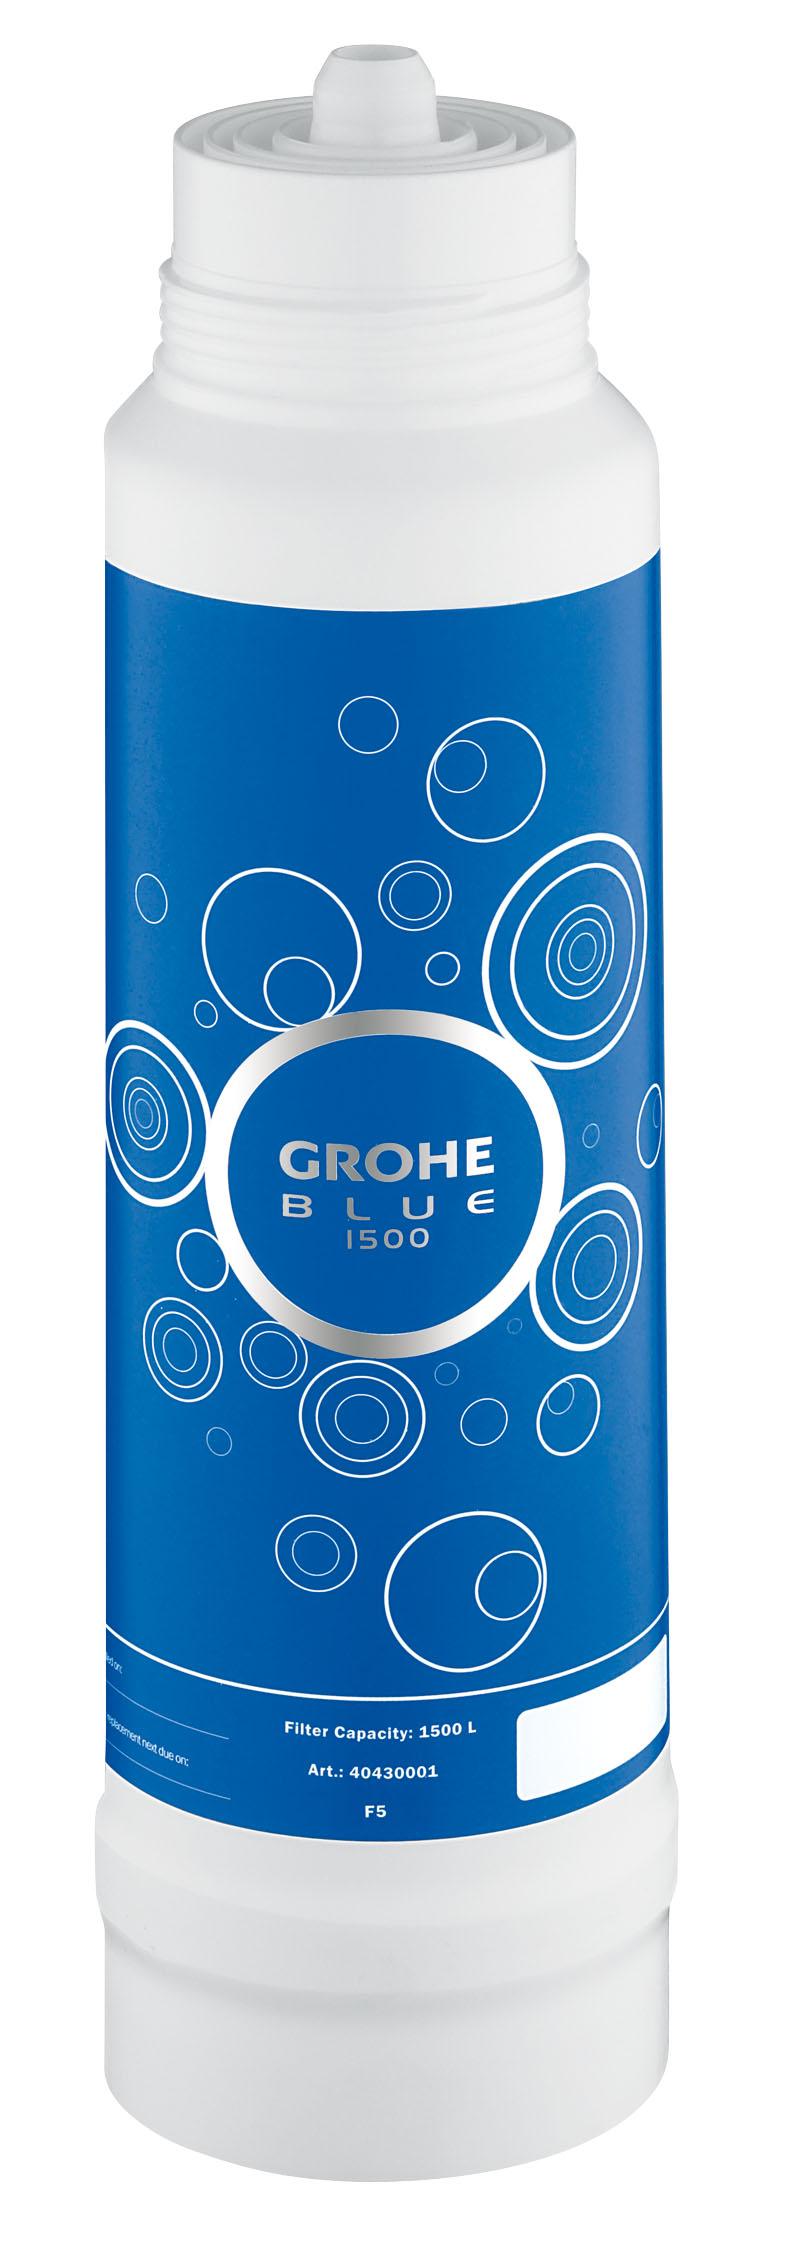 """Фильтр сменный для водных систем Grohe """"Blue"""", 1500 л. 40430001"""